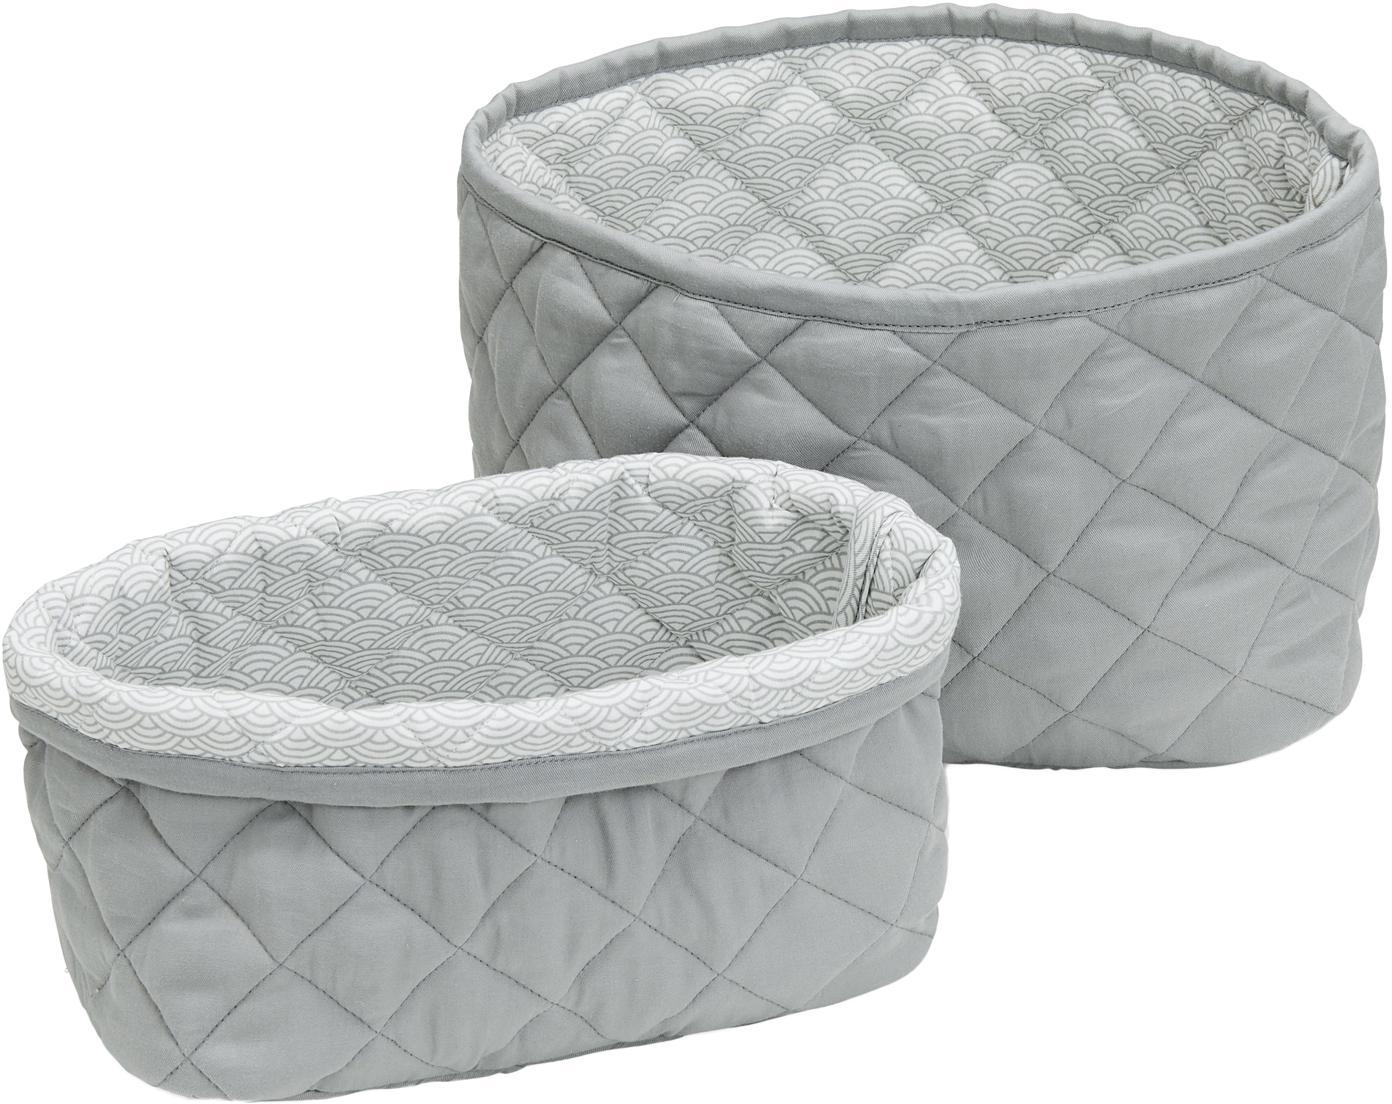 Aufbewahrungskörbe-Set Wave aus Bio-Baumwolle, 2-tlg., Bezug: Bio-Baumwolle, Grau, Set mit verschiedenen Grössen